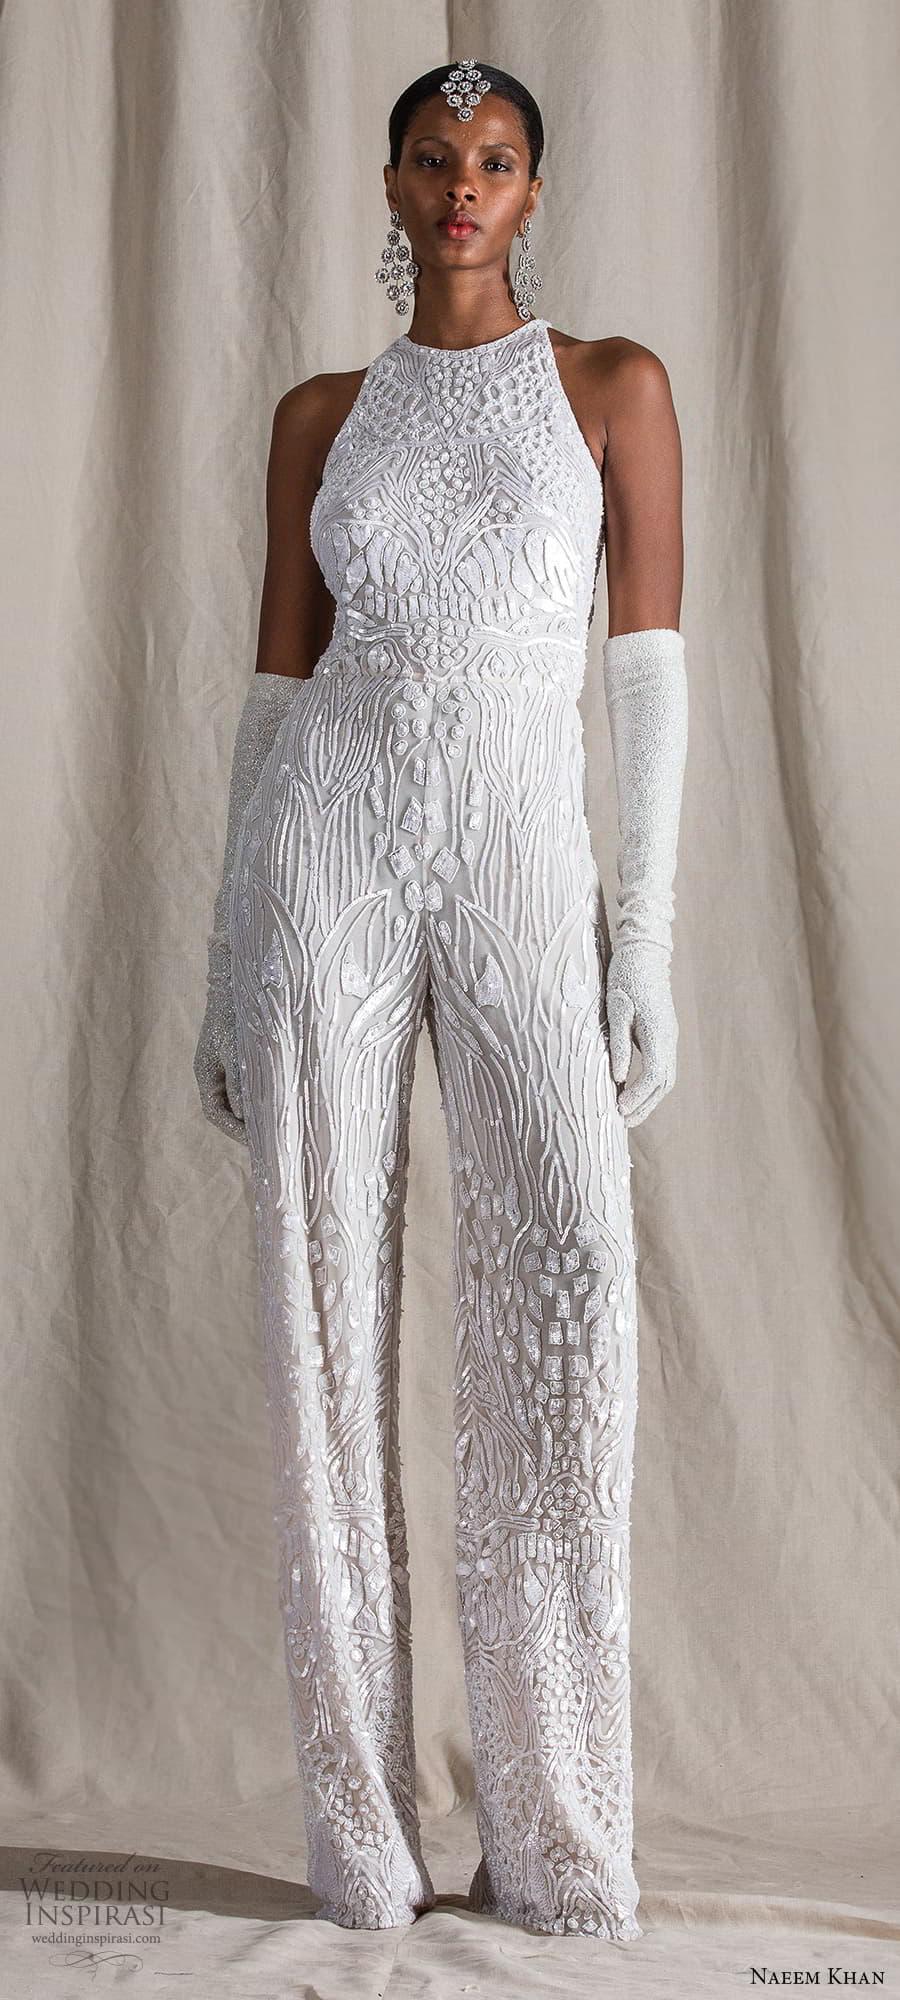 naeem khan spring 2022 bridal sleeveless halter neckline fully embellished jumpsuit wedding dres pants (12) mv